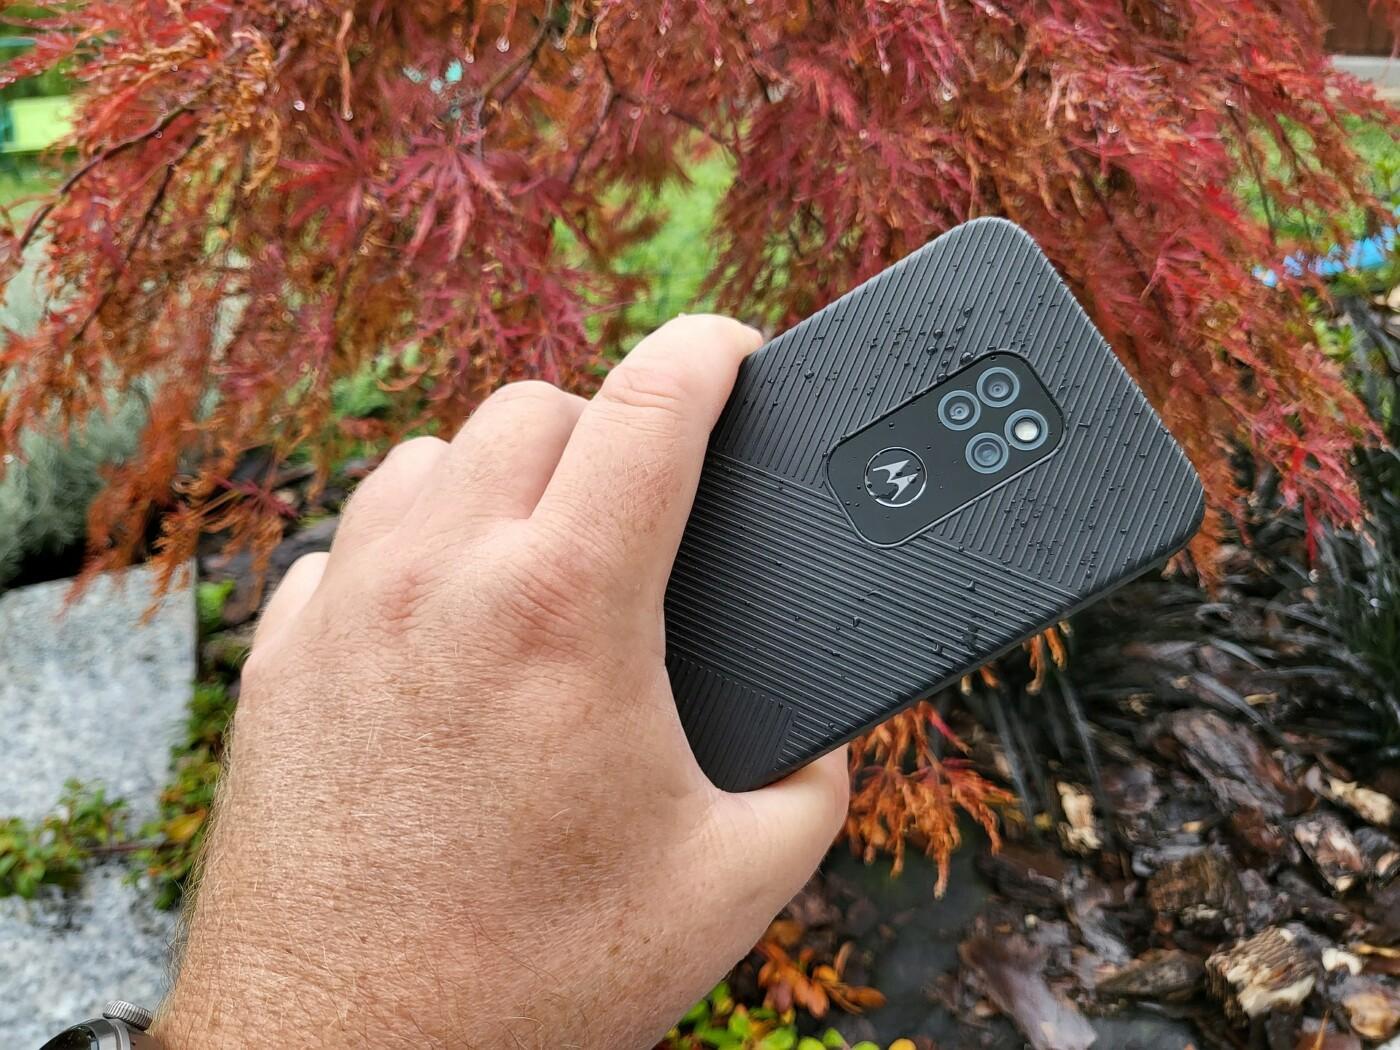 Motorola Defy 21